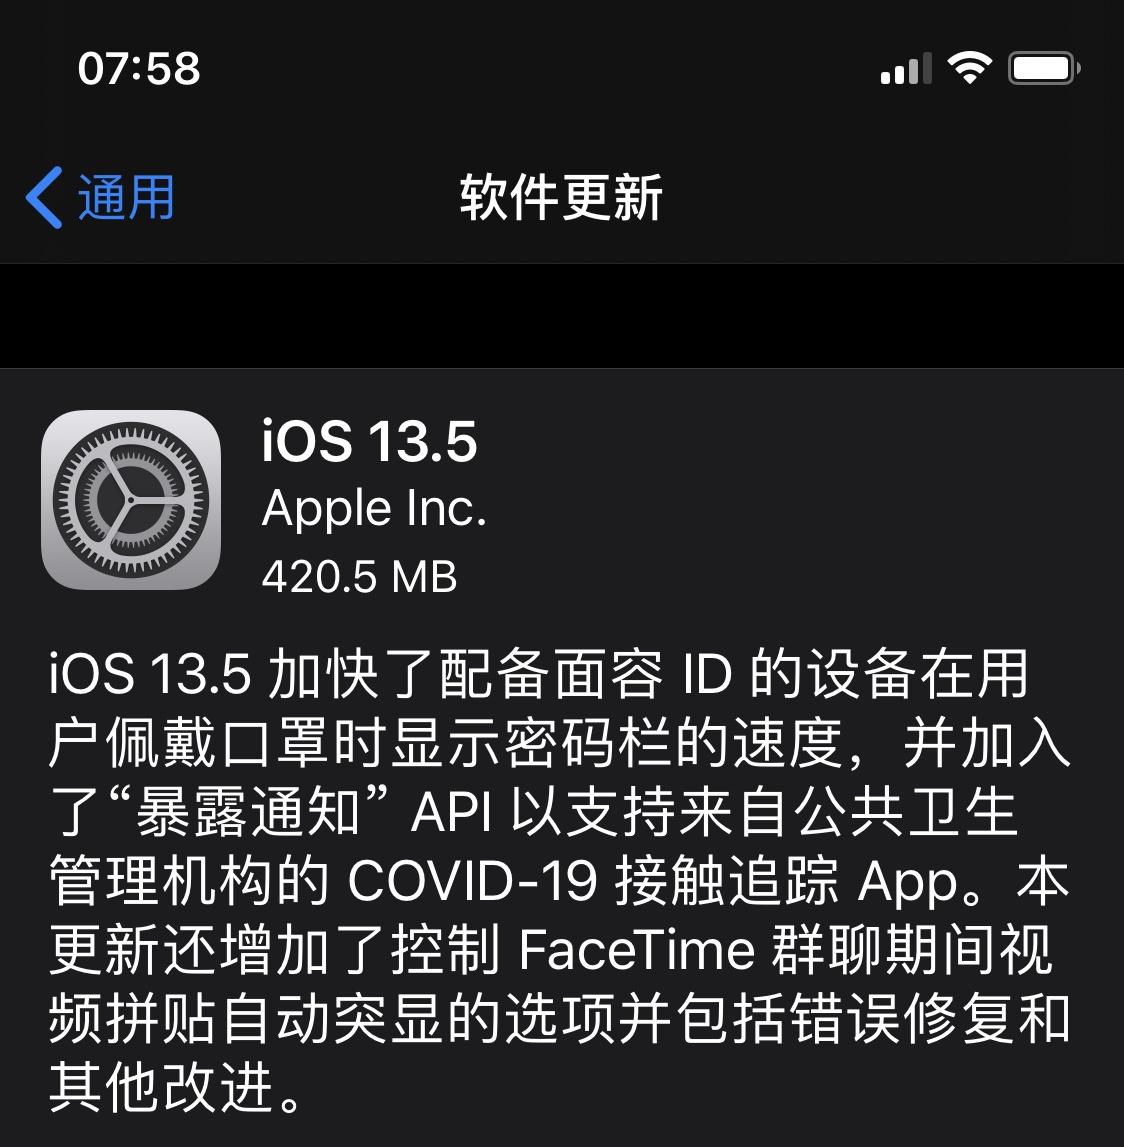 侃哥:iOS 13.5优化戴口罩面容ID体验;魅族加入互传联盟